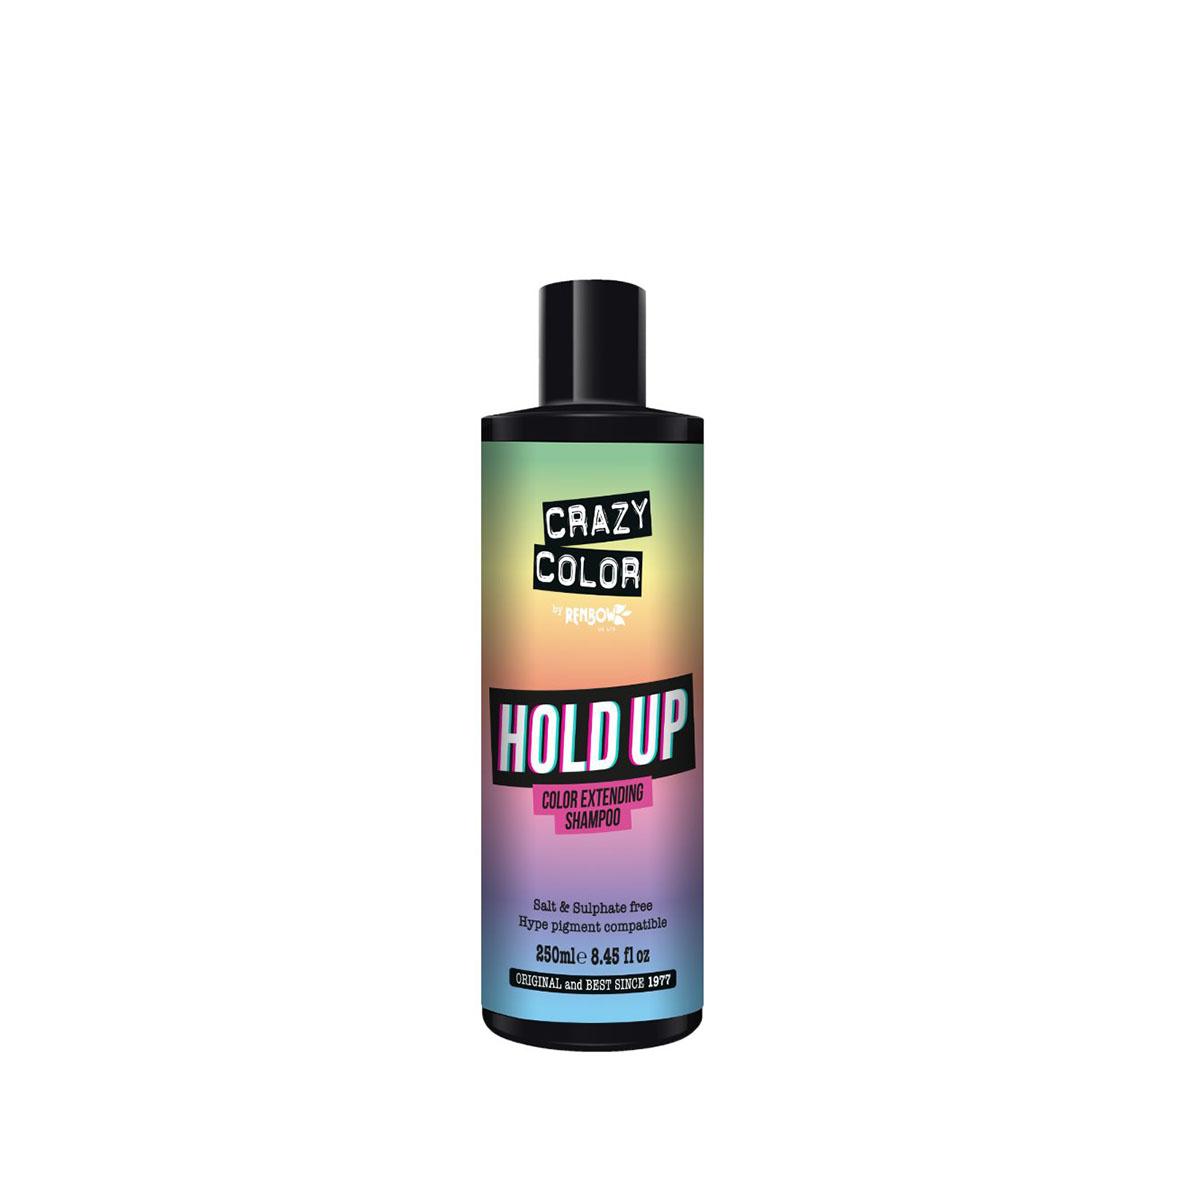 Hype Shampoo Rainbow Cleanse 250ml**